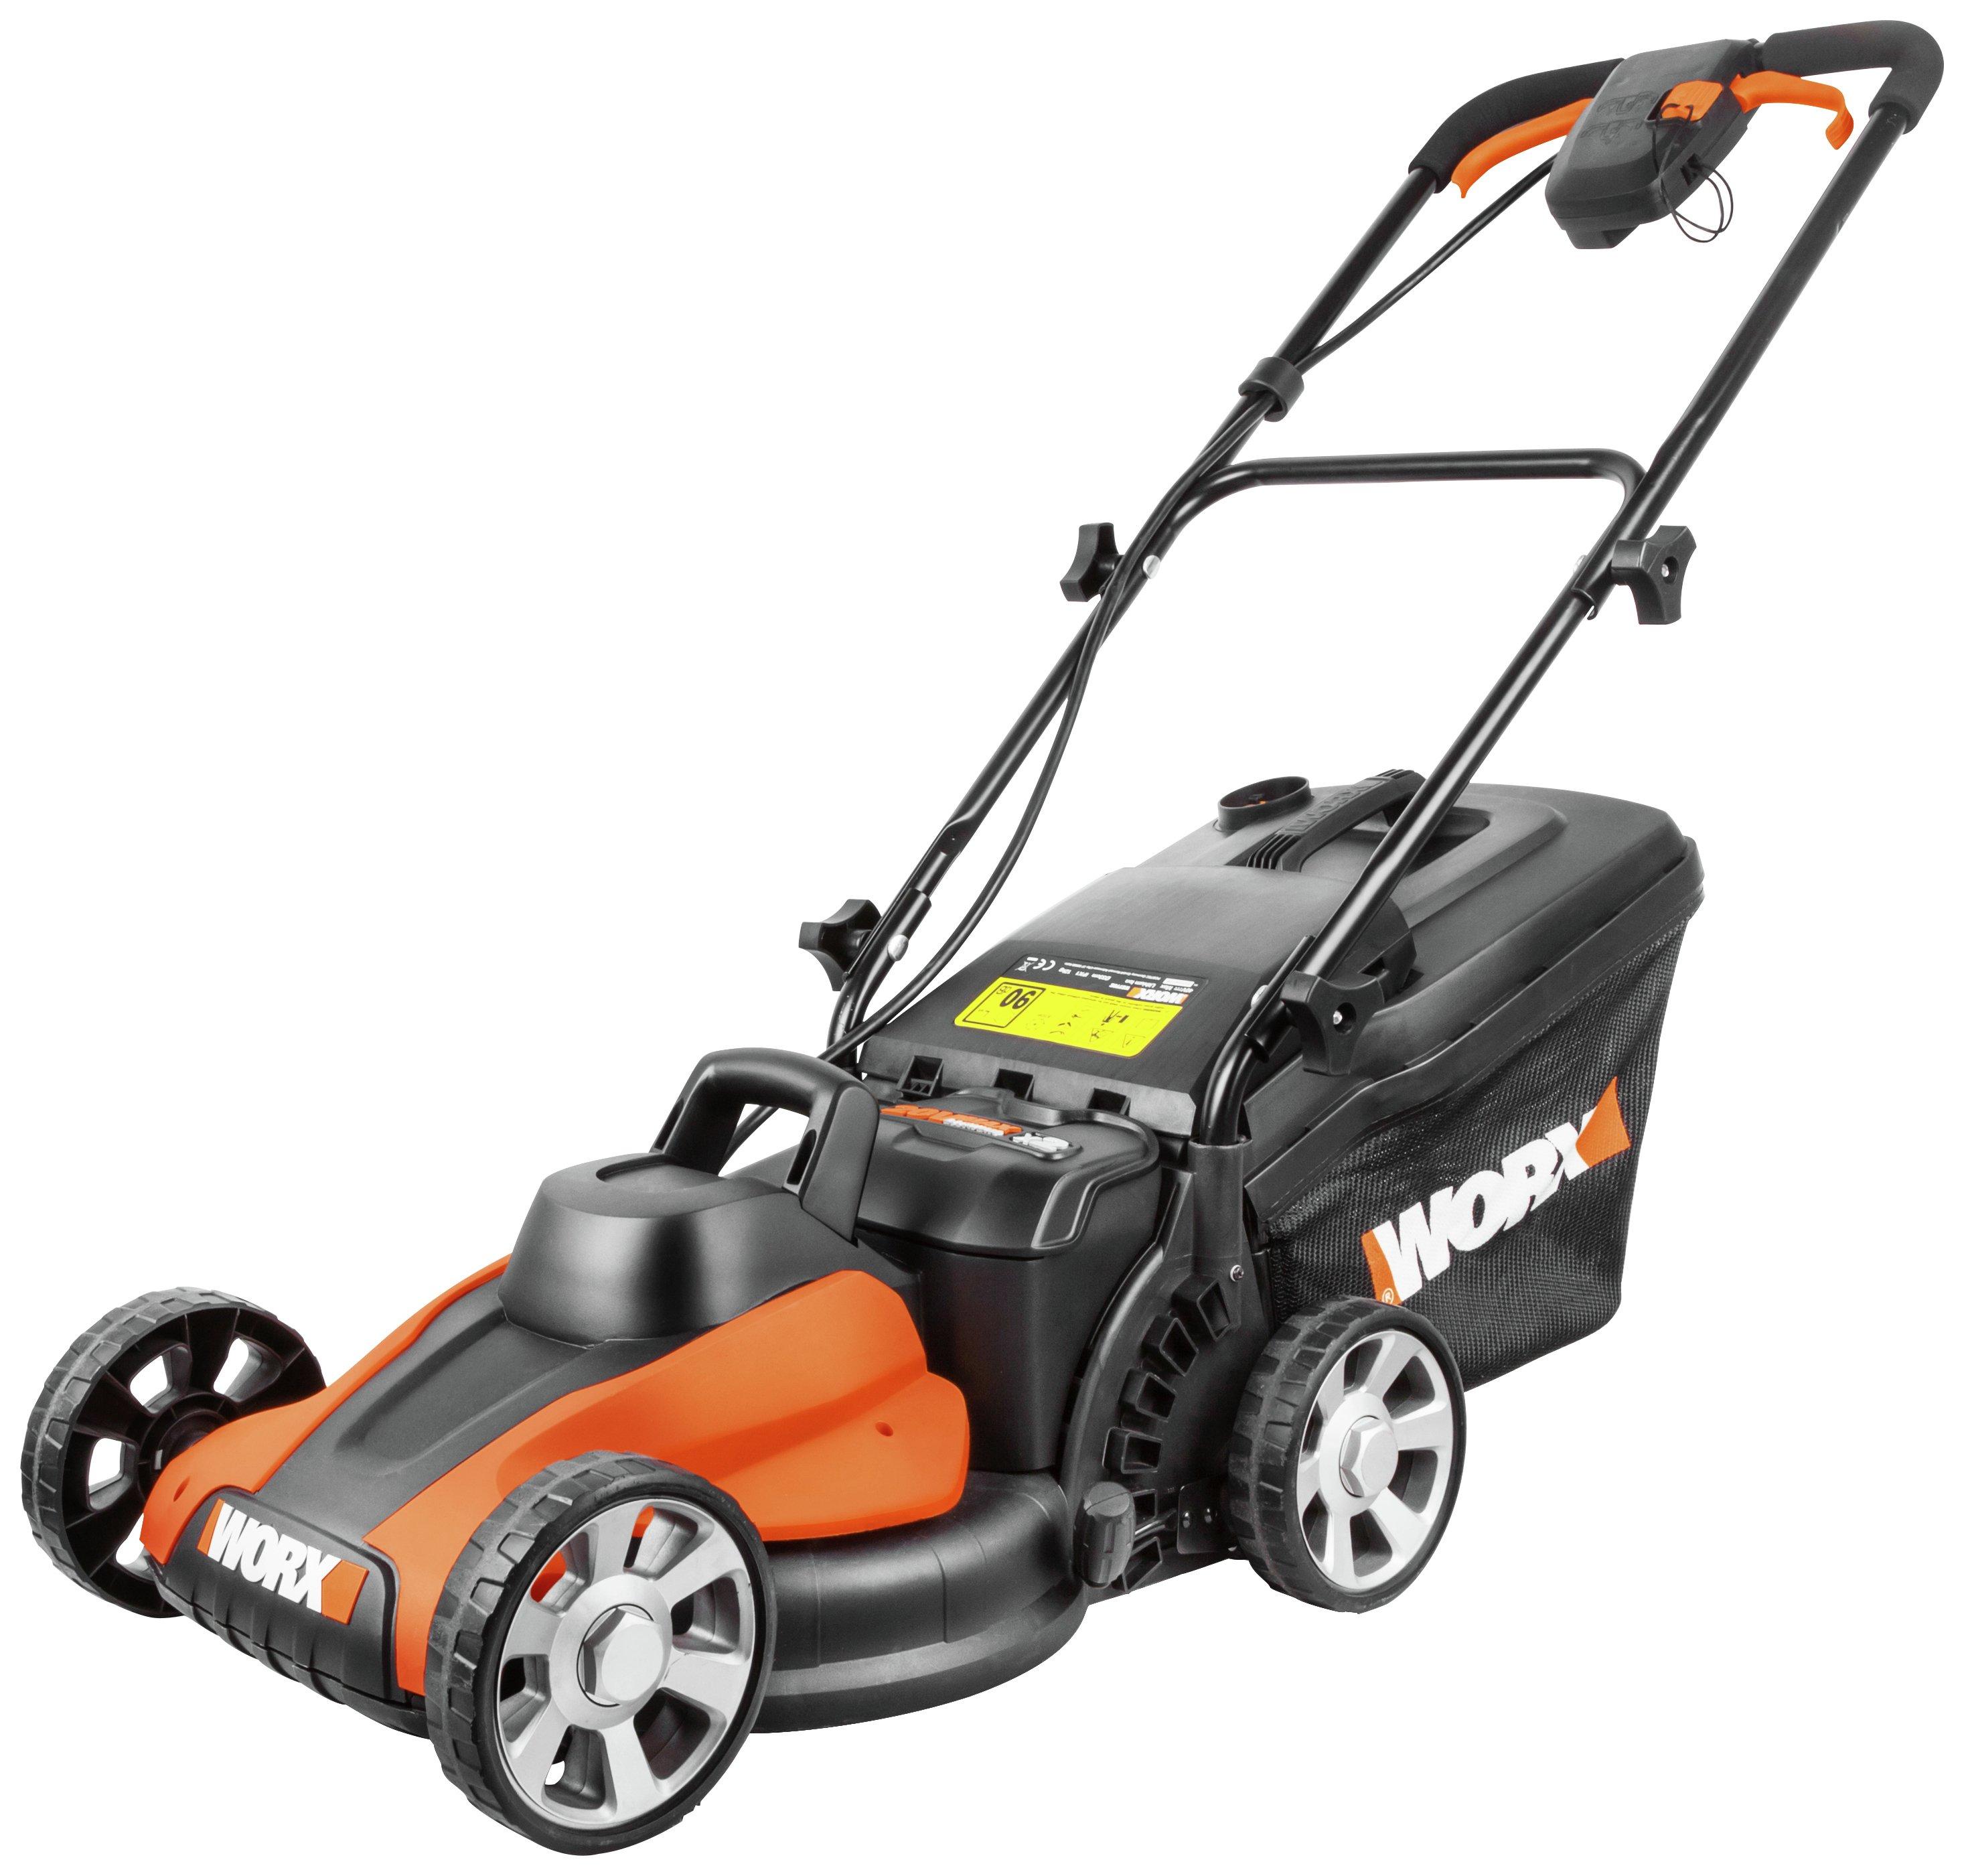 Worx 40v Li Ion Cordless Lawnmower